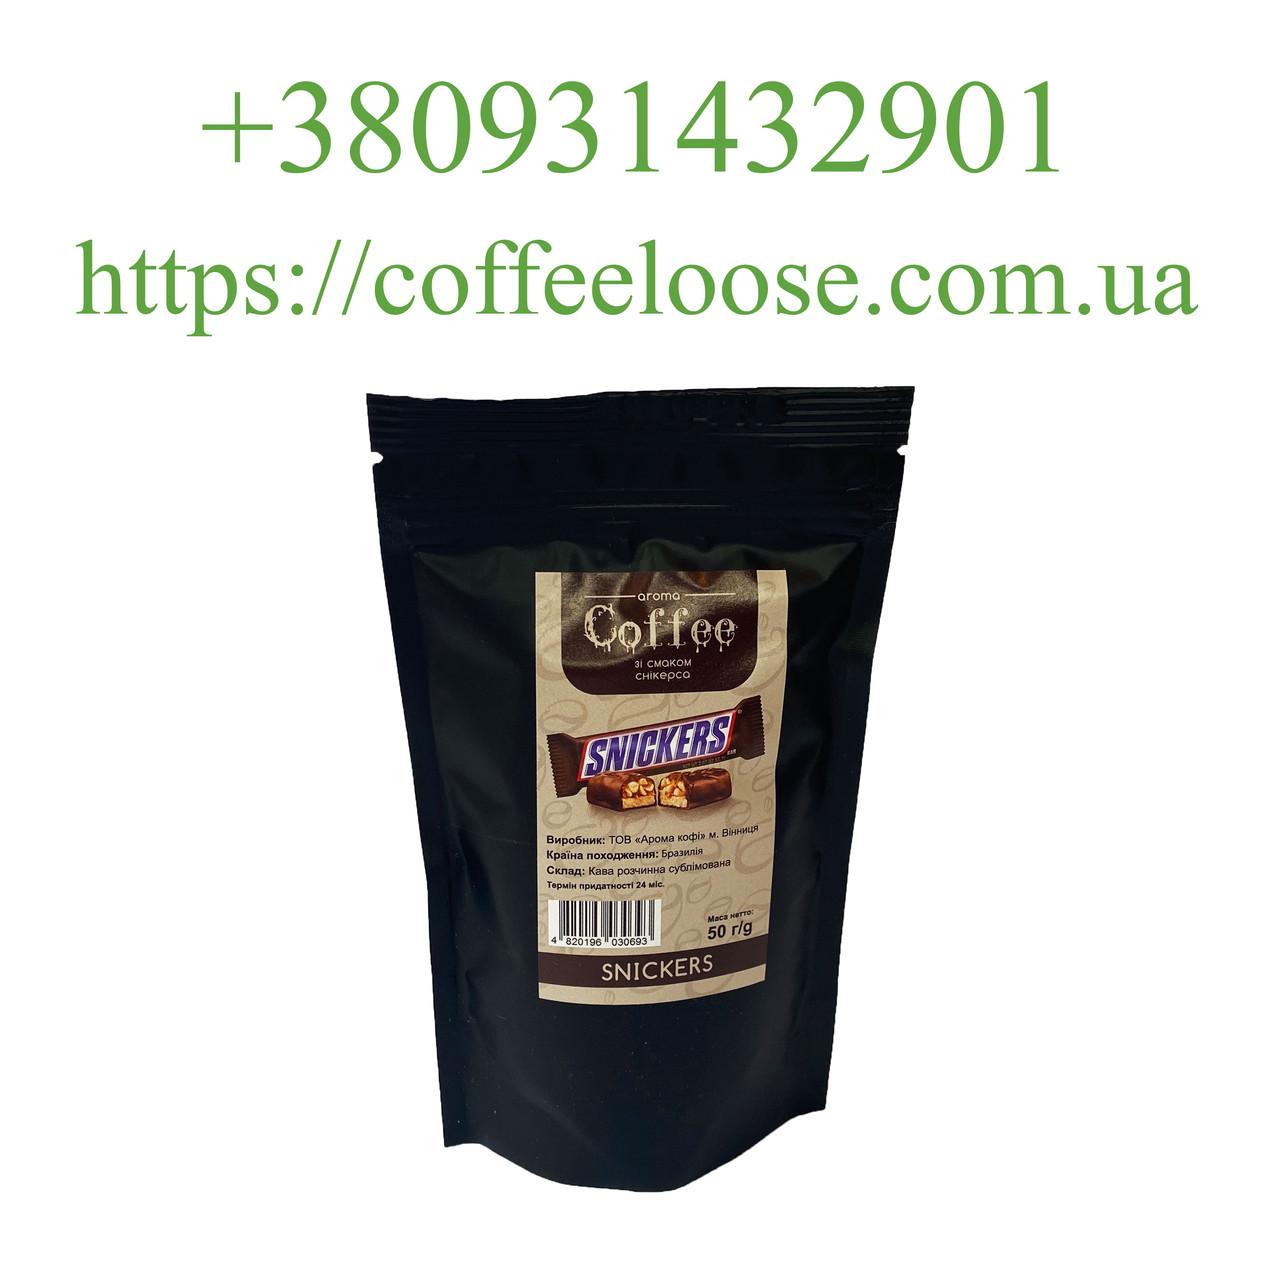 Кофе растворимый ароматизированный со вкусом Сникерс 50 грамм (Касик Бразилия)